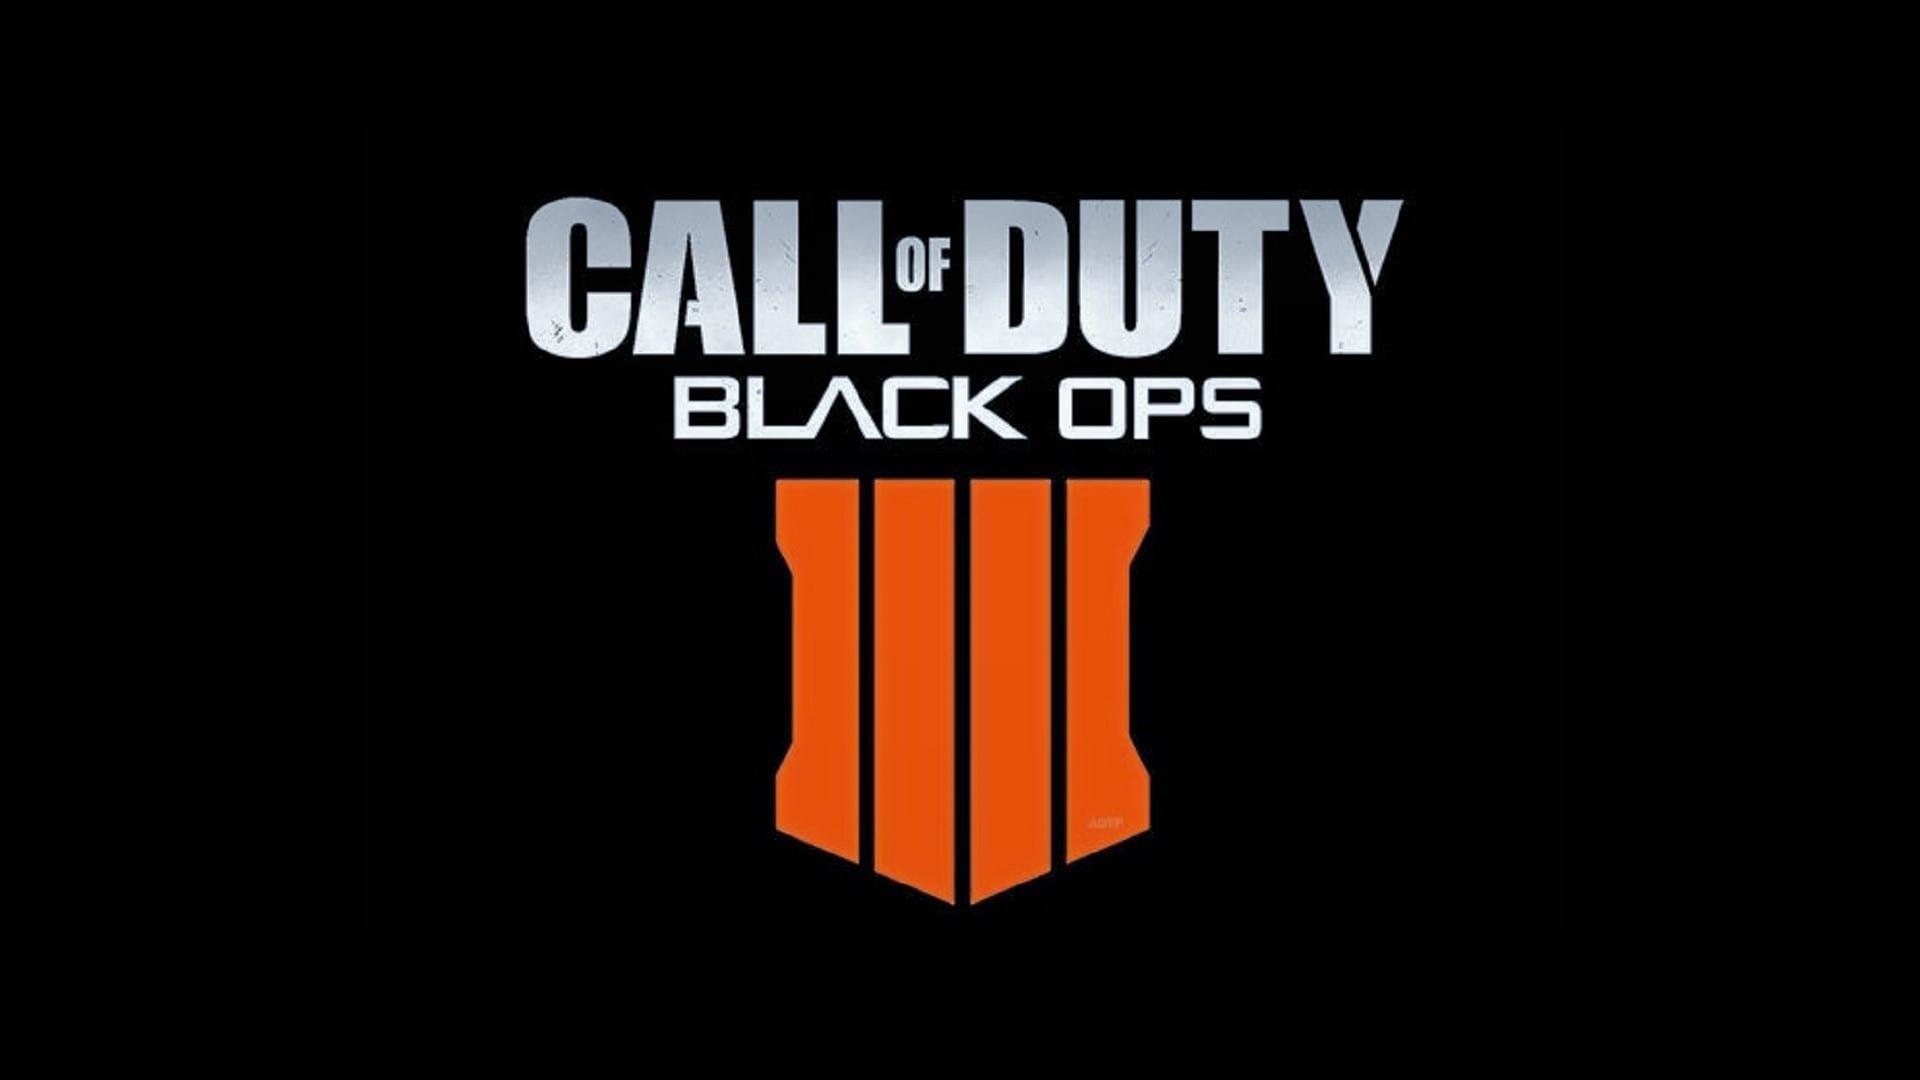 Call of Duty Black Ops 4: Blackout – En İyi Silahlar Nelerdir?